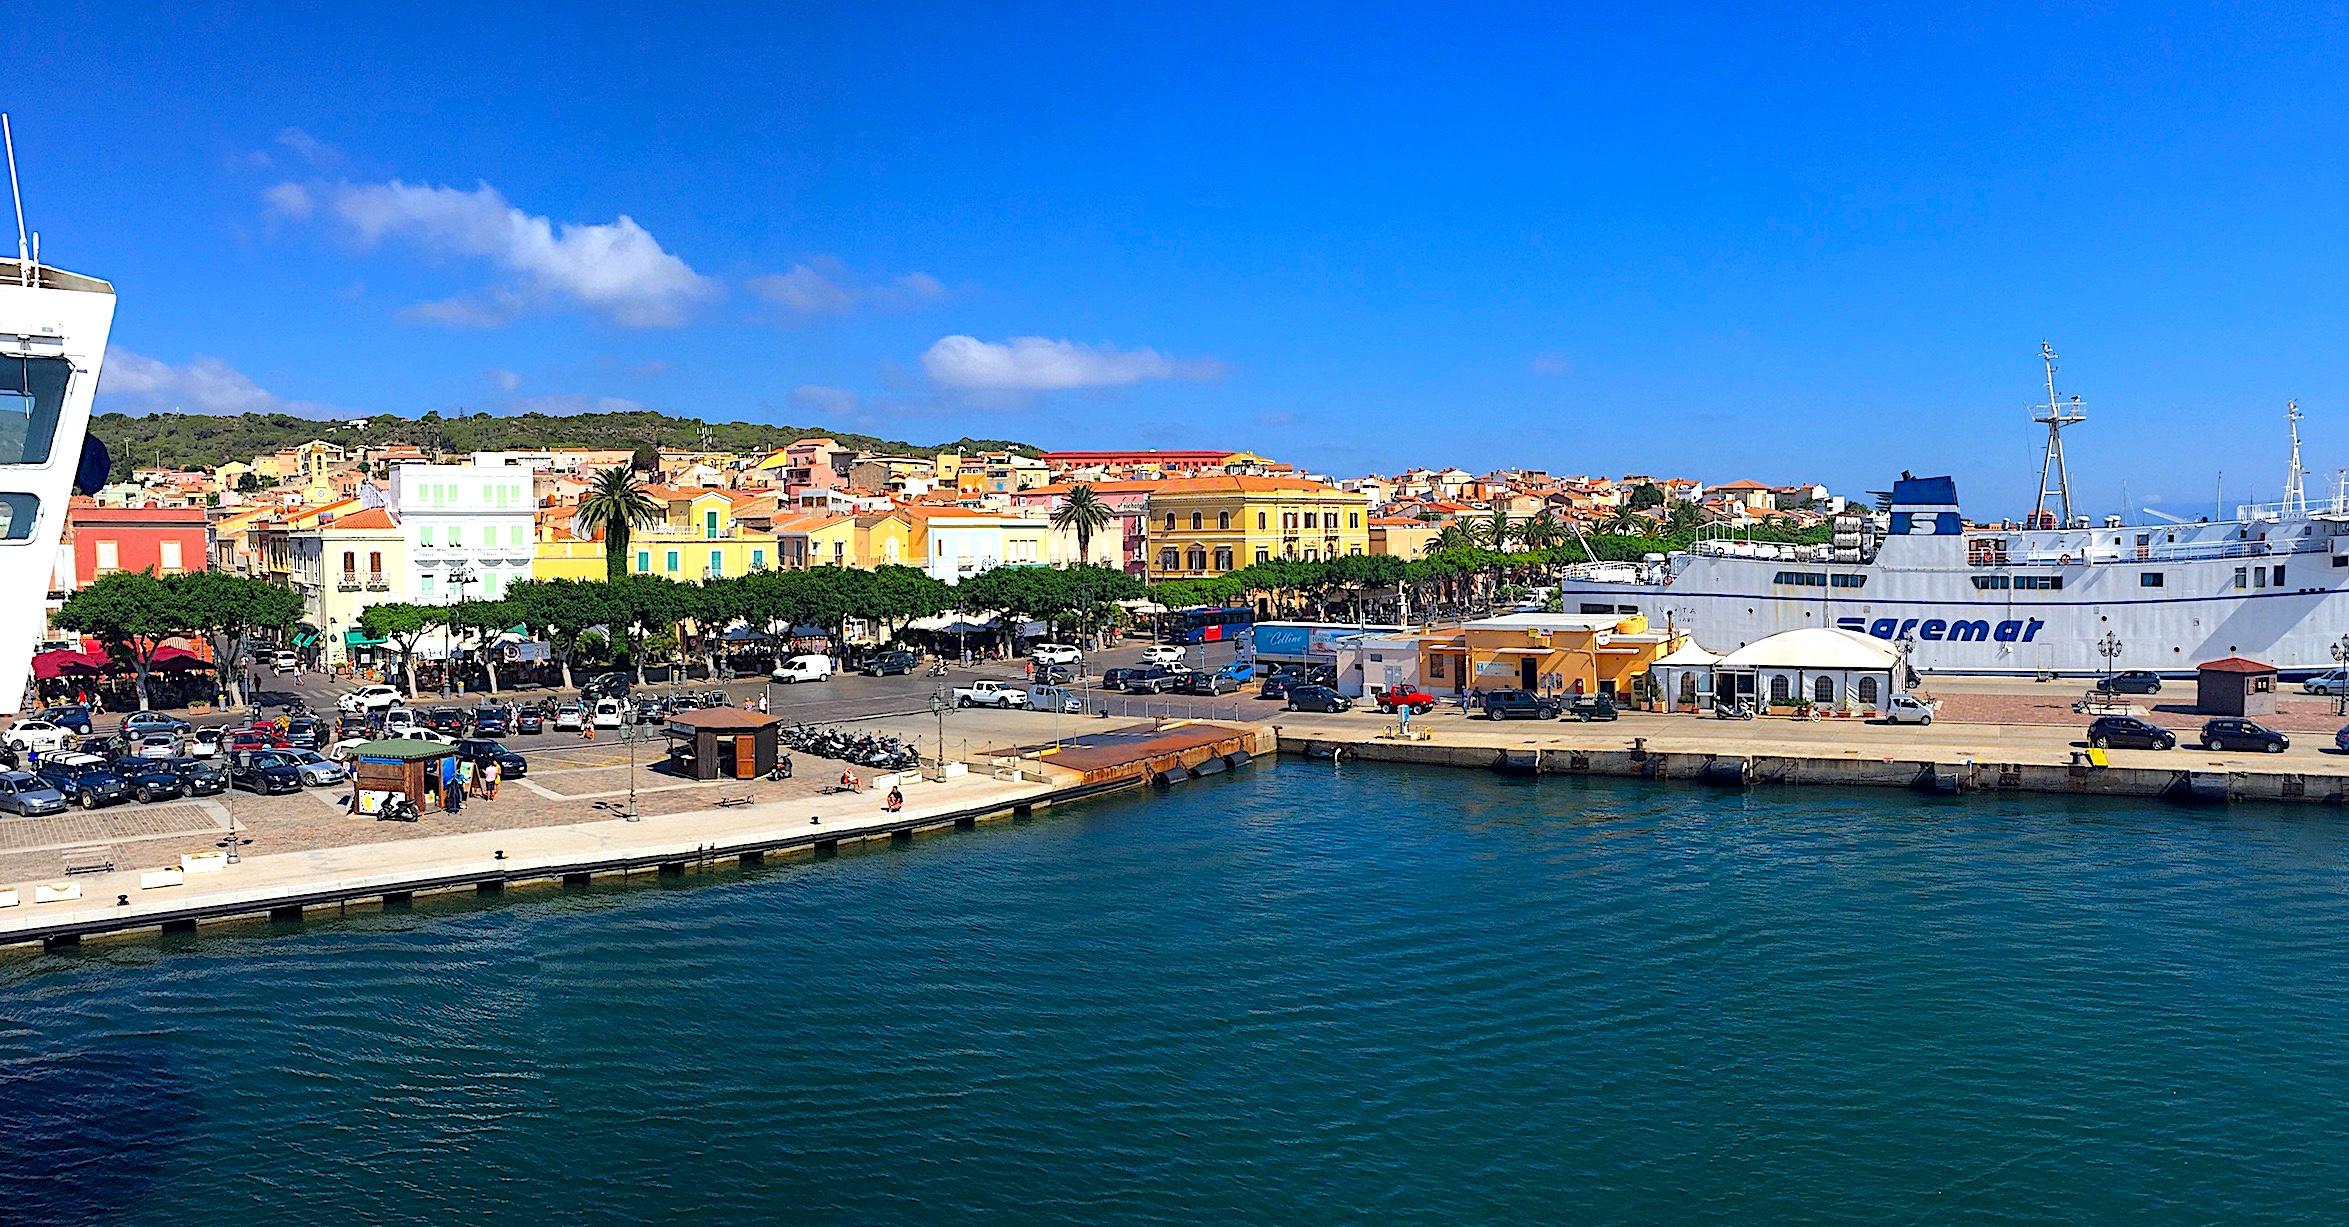 Carloforte dal 29 agosto al 3 settembre 2017 Festival Dall'Isola dell'isola di una Penisola XXI Edizione. A Carloforte ritorna il festival Dall'isola dell'isola di una penisola dal 29 agosto al 3 settembre 2017.